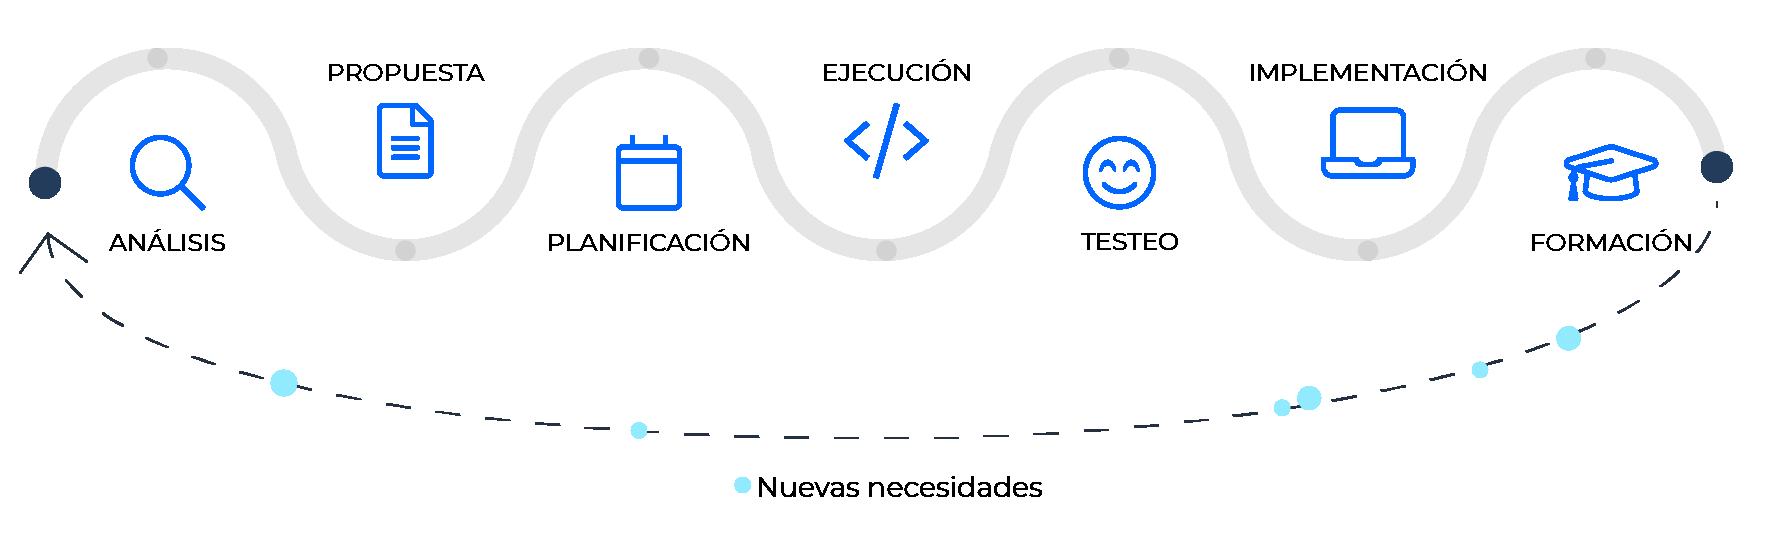 Fases de desarrollo de software a medida